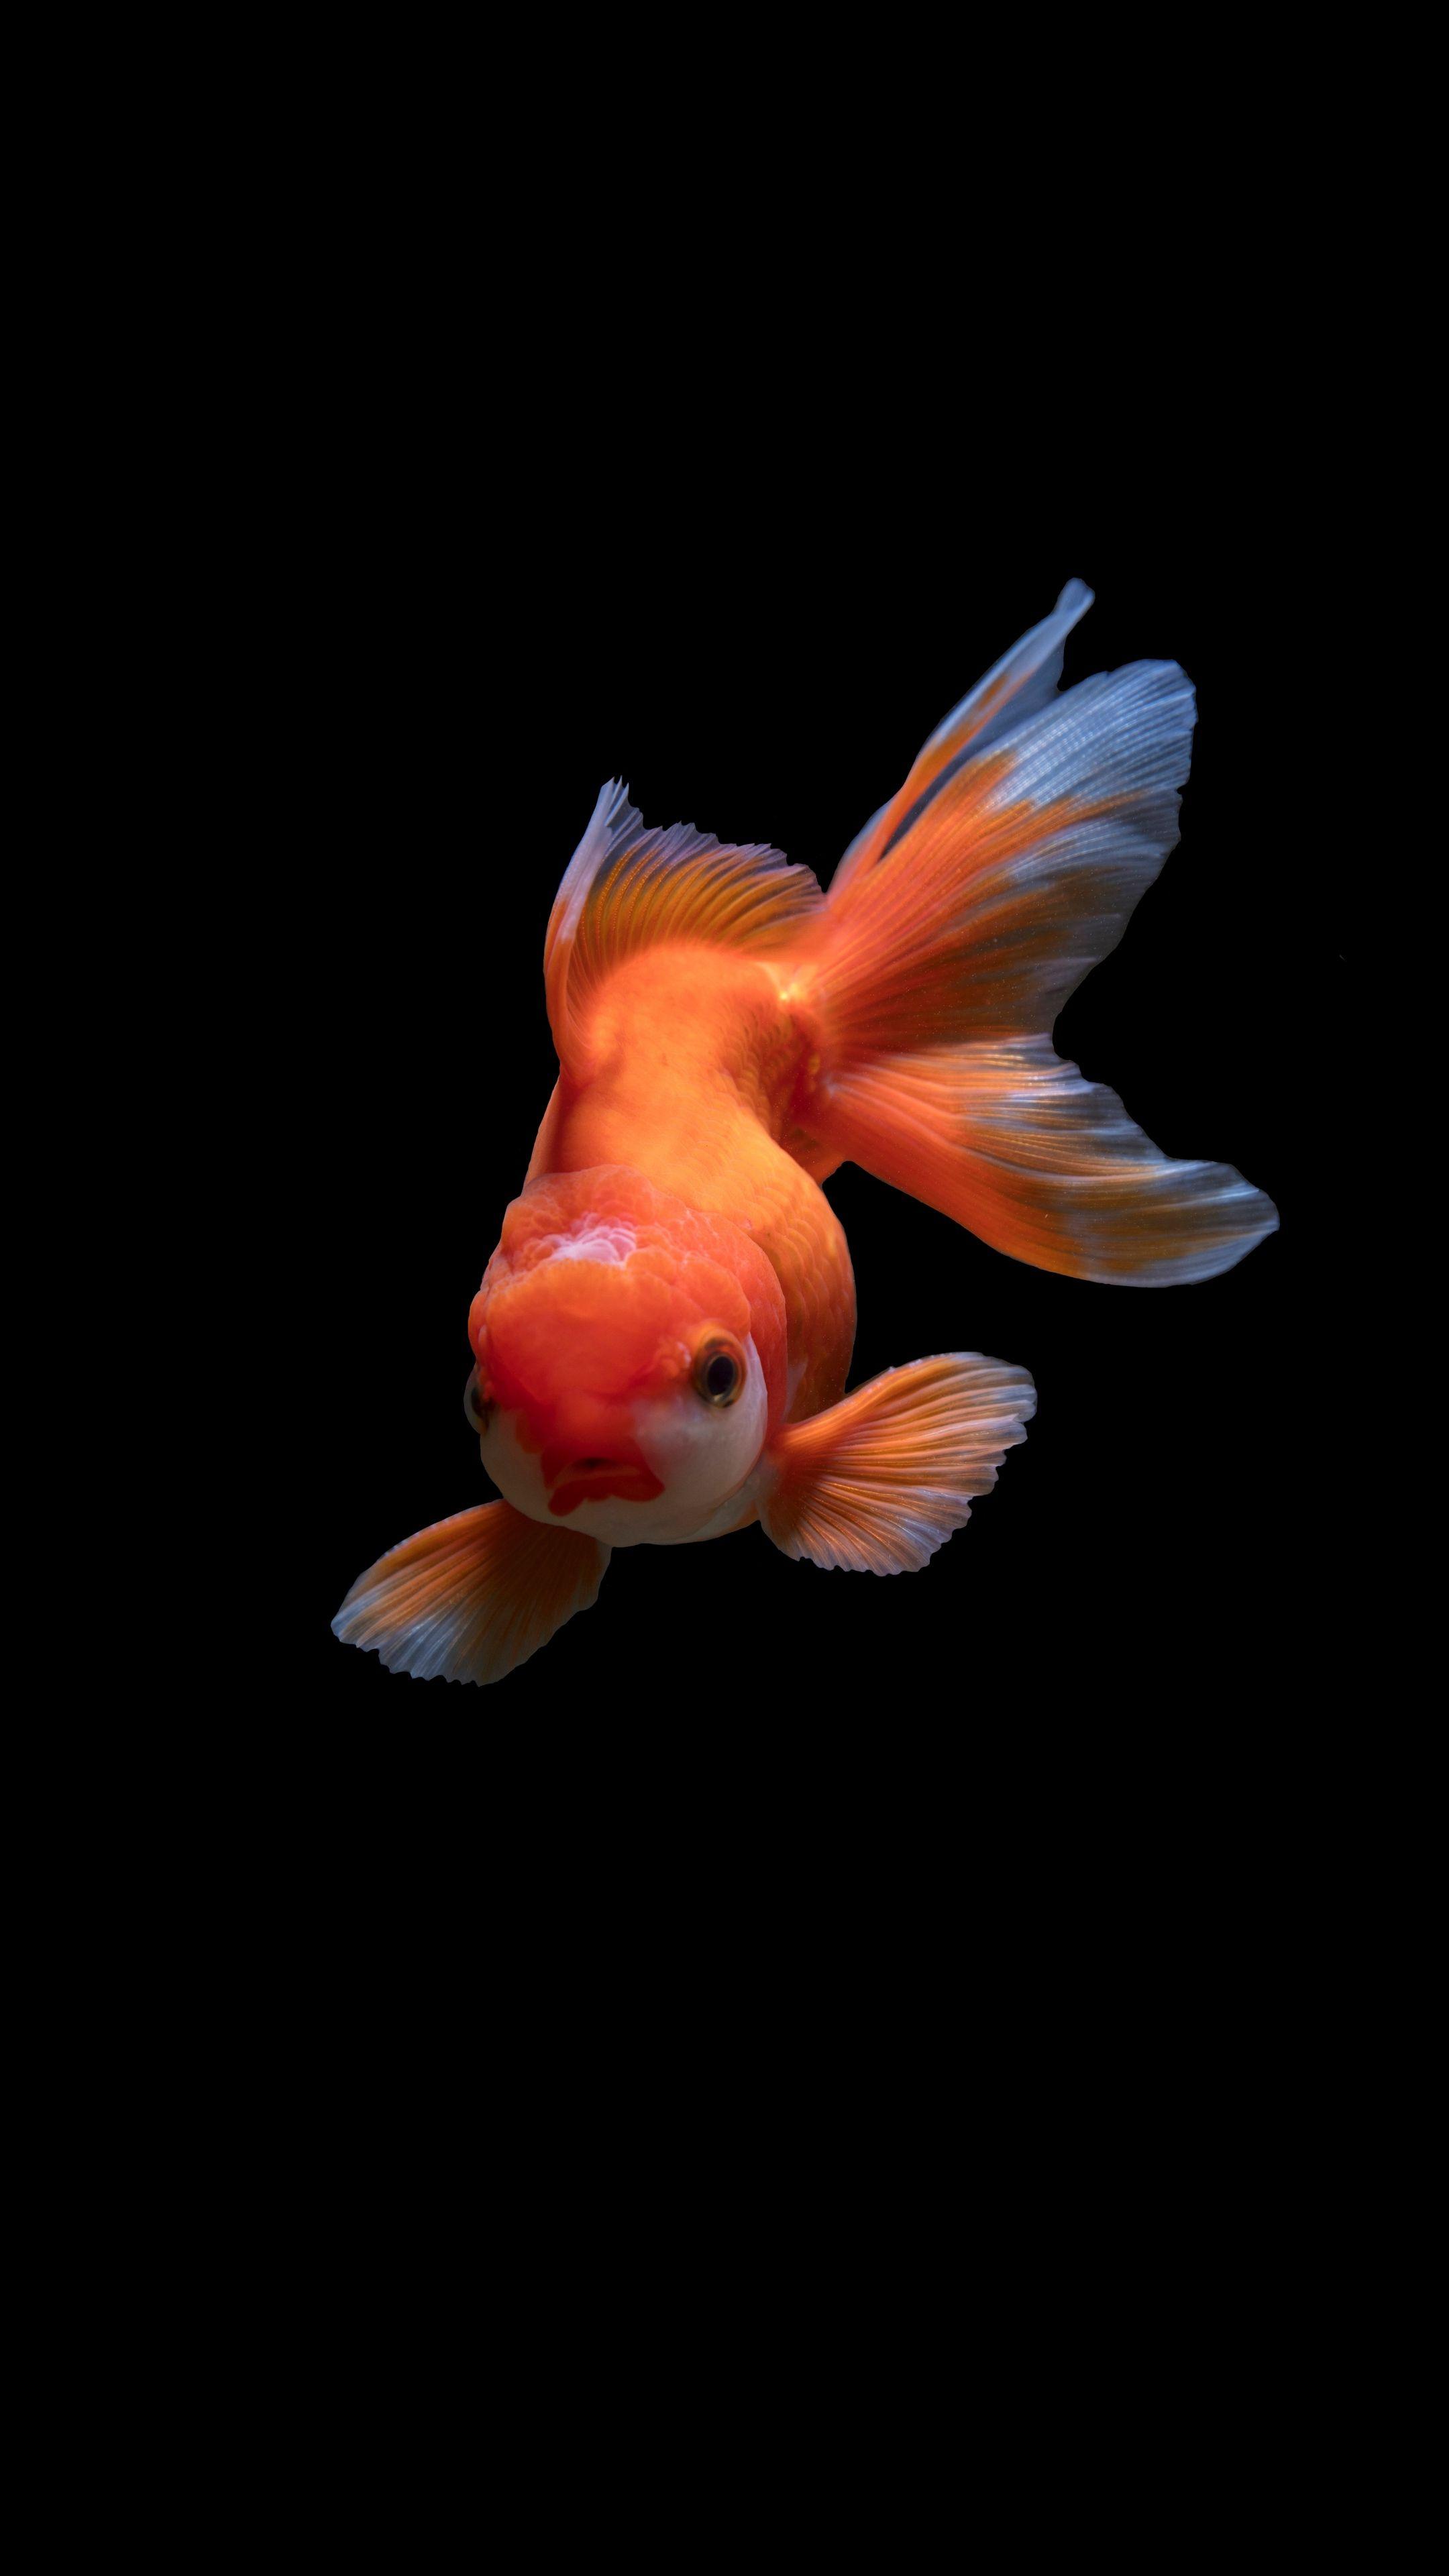 Обои Аквариум, рыбка. Животные foto 6